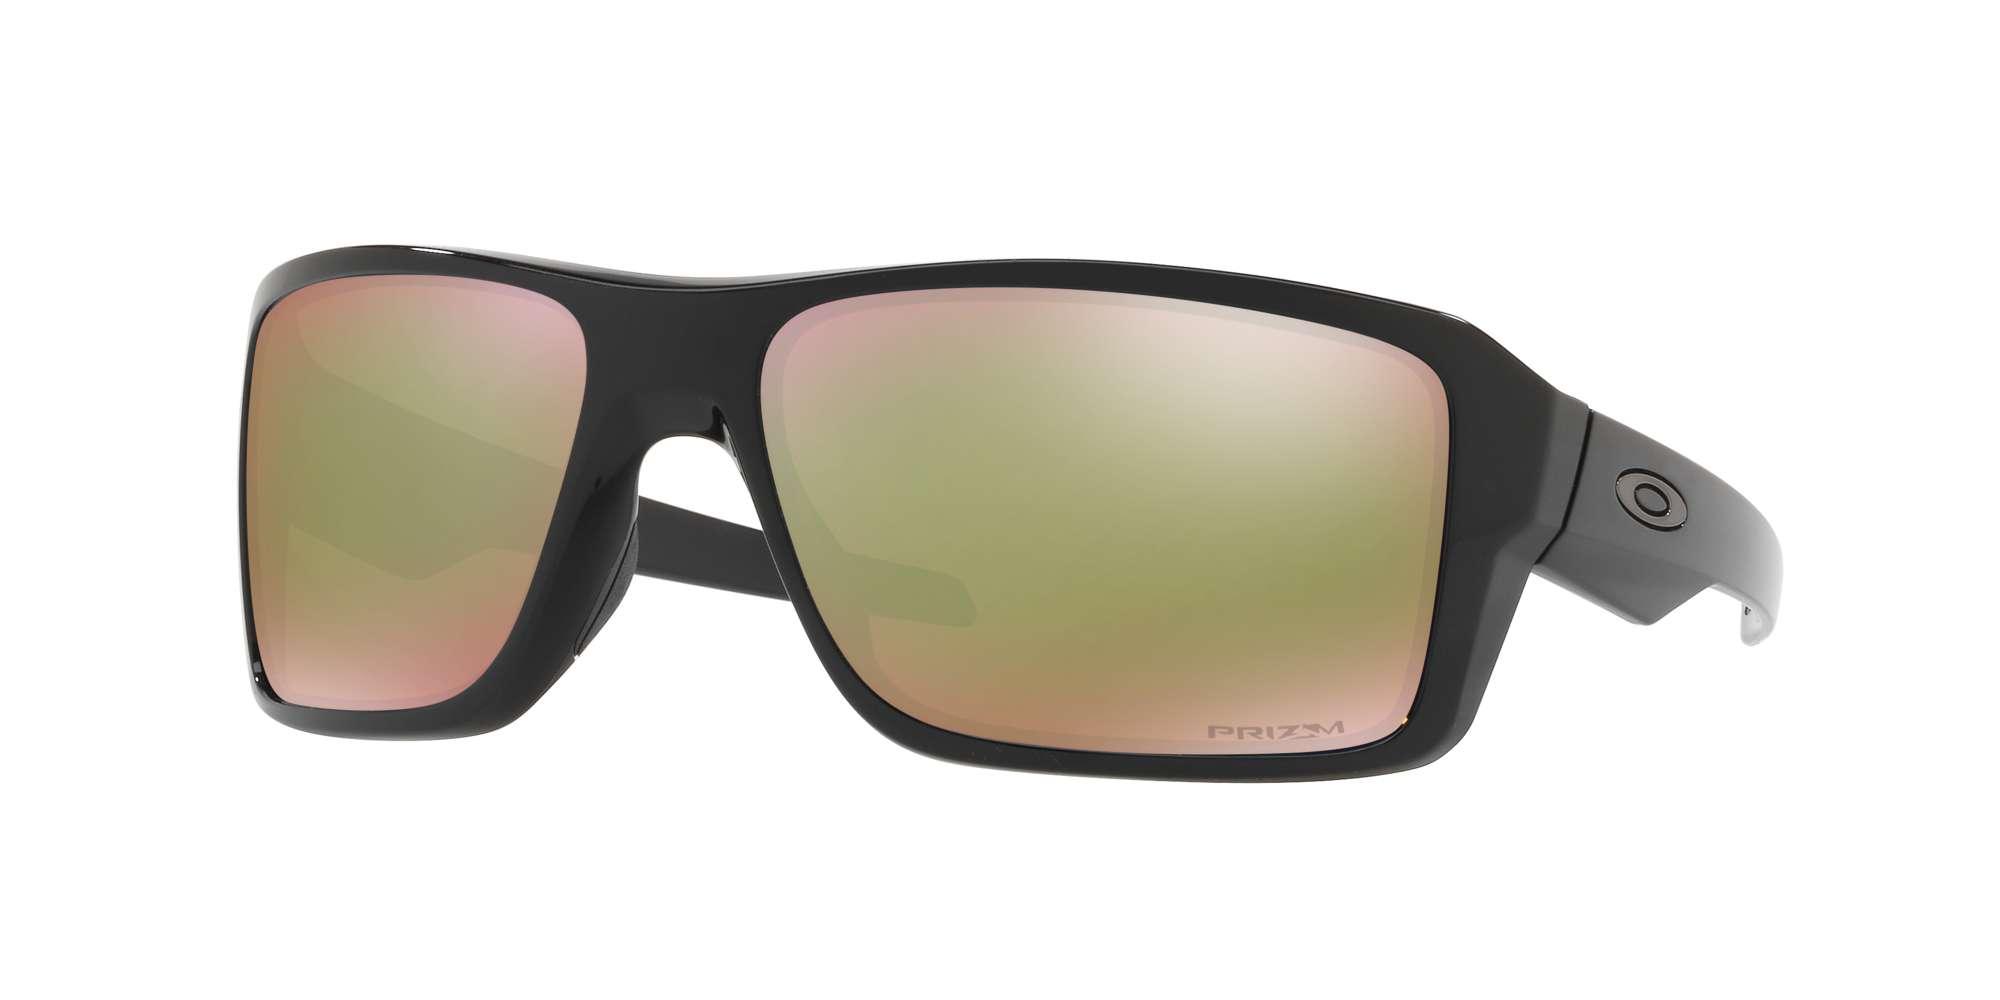 POLISHED BLACK / PRIZM SHALLOW WATER POLARIZED lenses